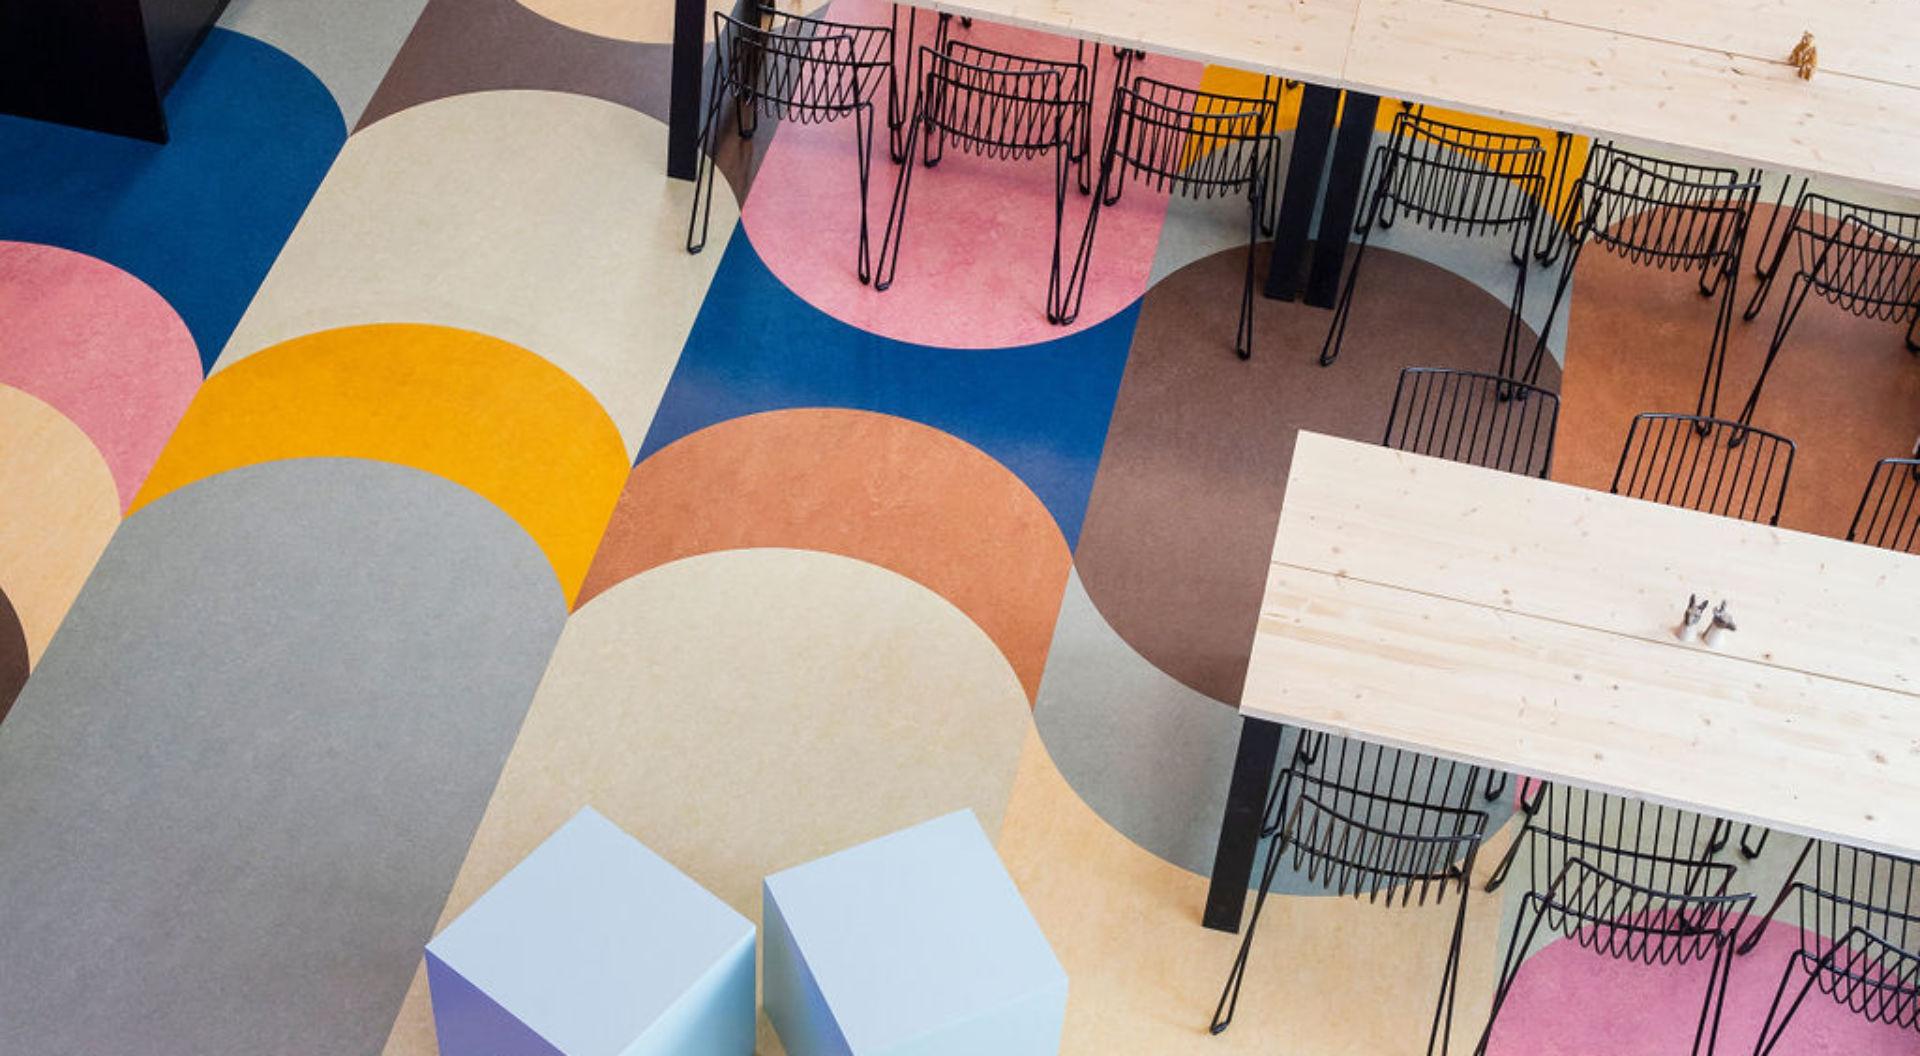 Golvet i Avinodes kontor påminner om en regnbåge.